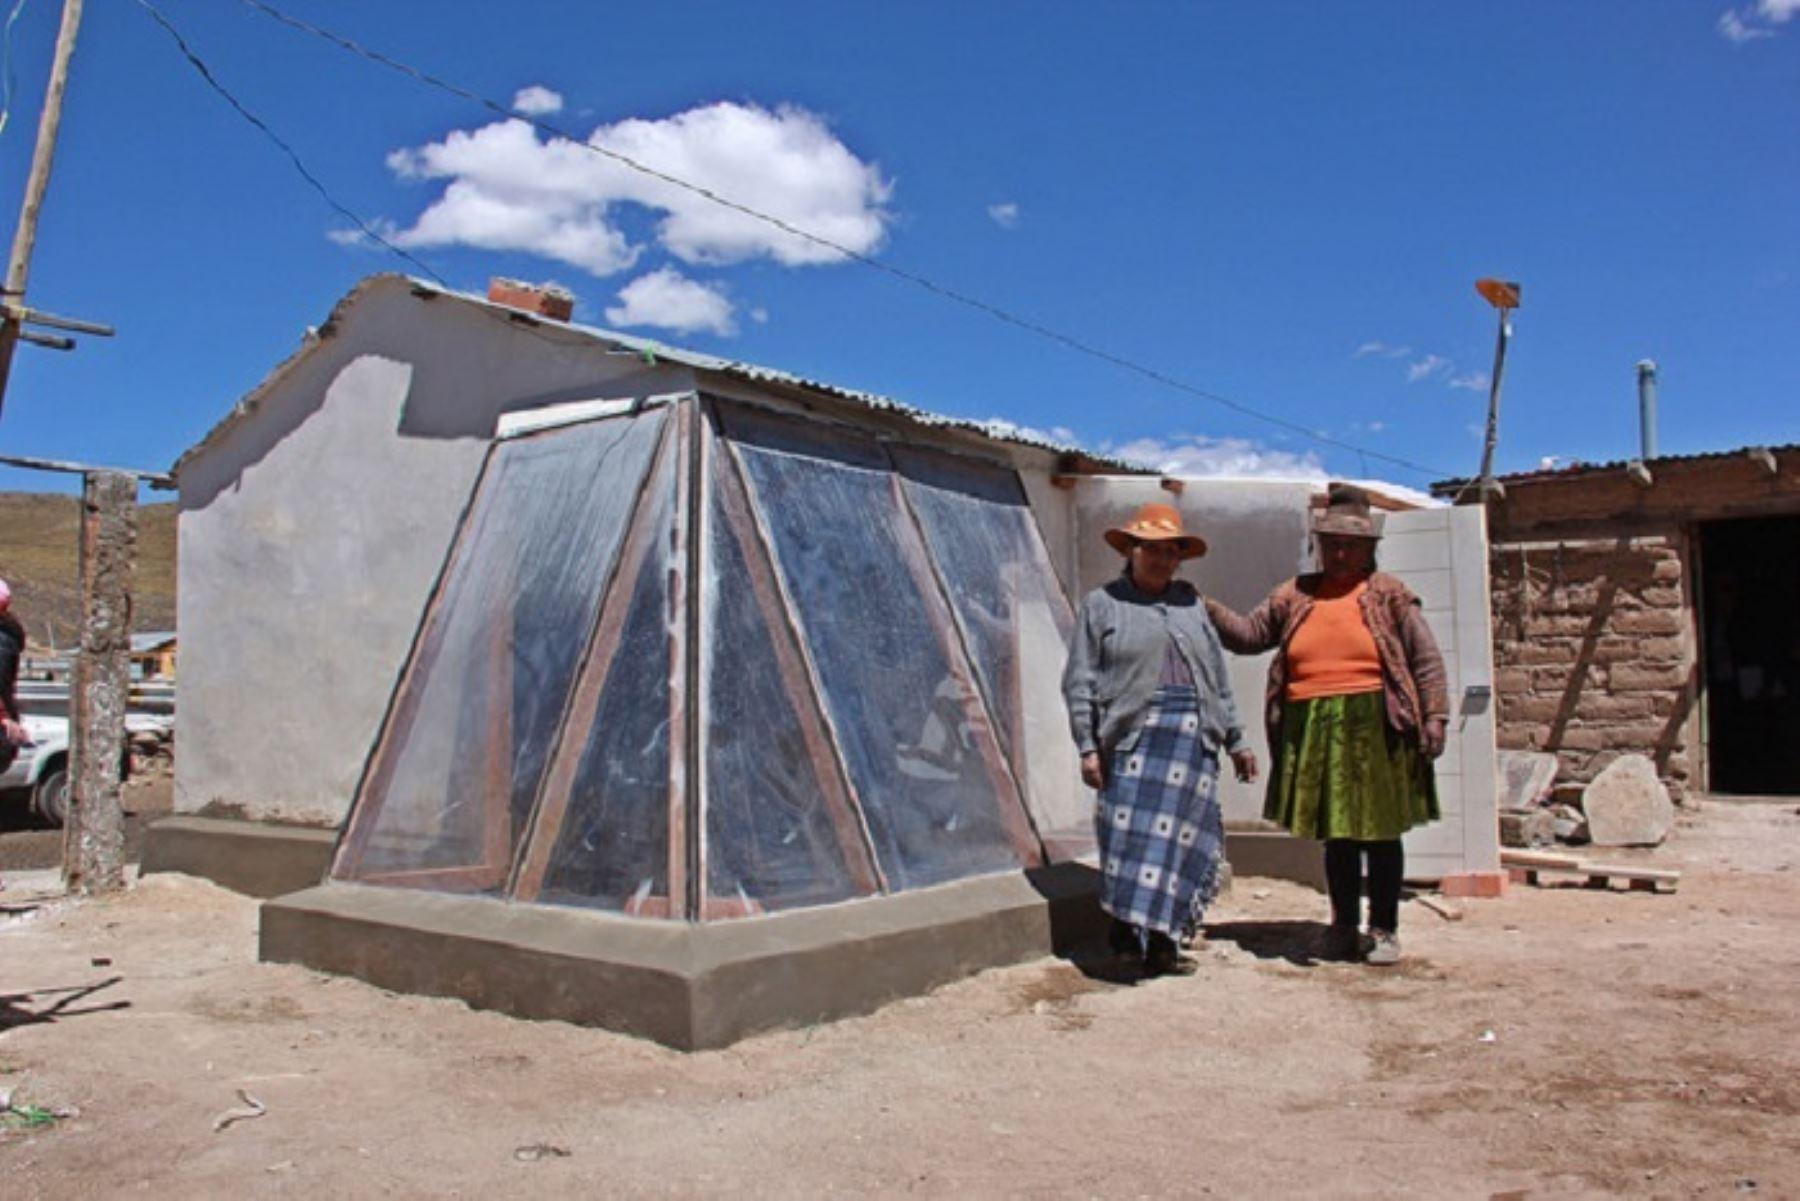 Cocinas mejoradas, fruto de la innovación, mejoran la calidad de vida de los pobladores. ANDINA/Difusión